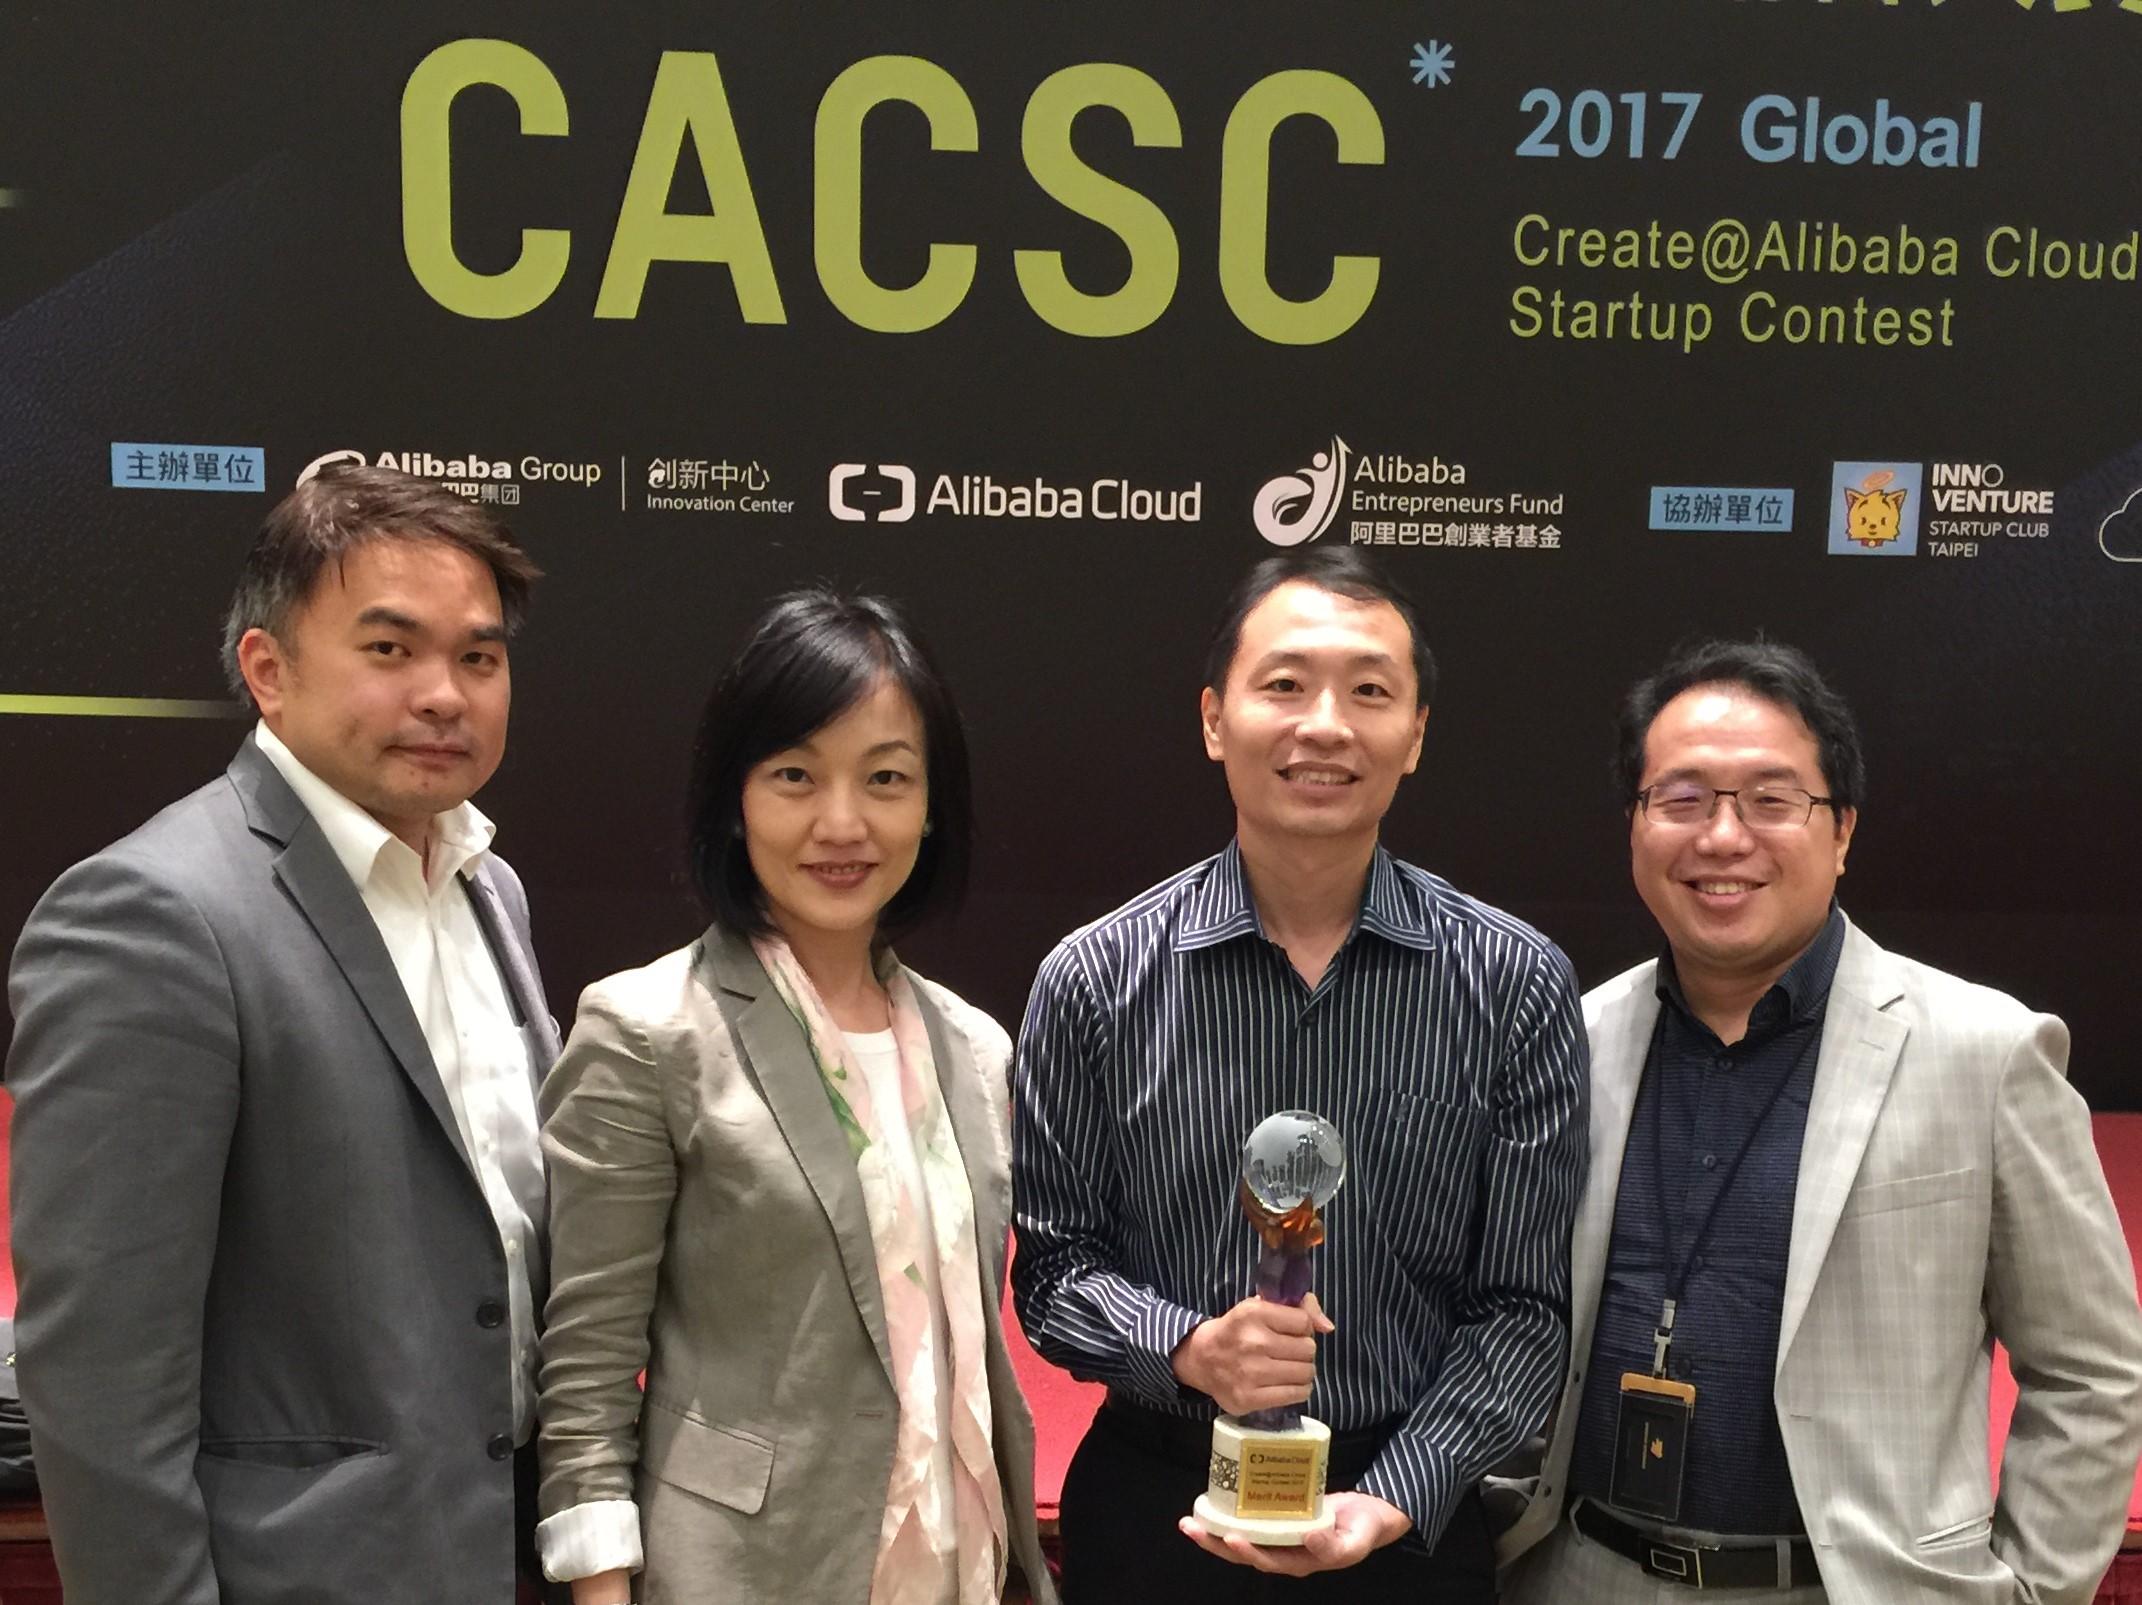 塔奇恩科技於2017年『阿里巴巴諸神之戰全球創客大賽』台灣區決賽脫穎而出